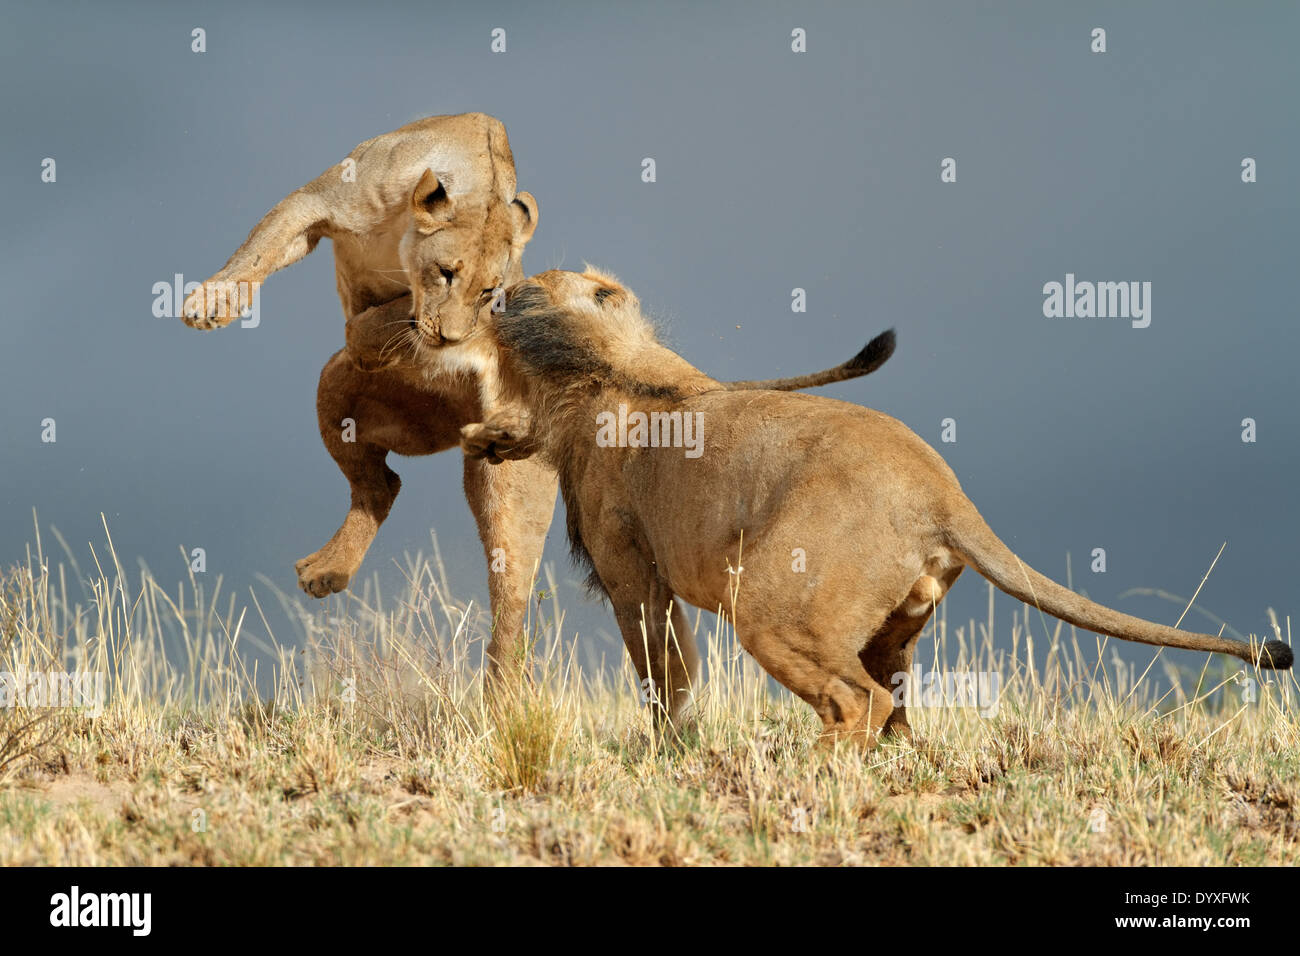 Playful young African lions (Panthera leo), Kalahari desert, South Africa - Stock Image